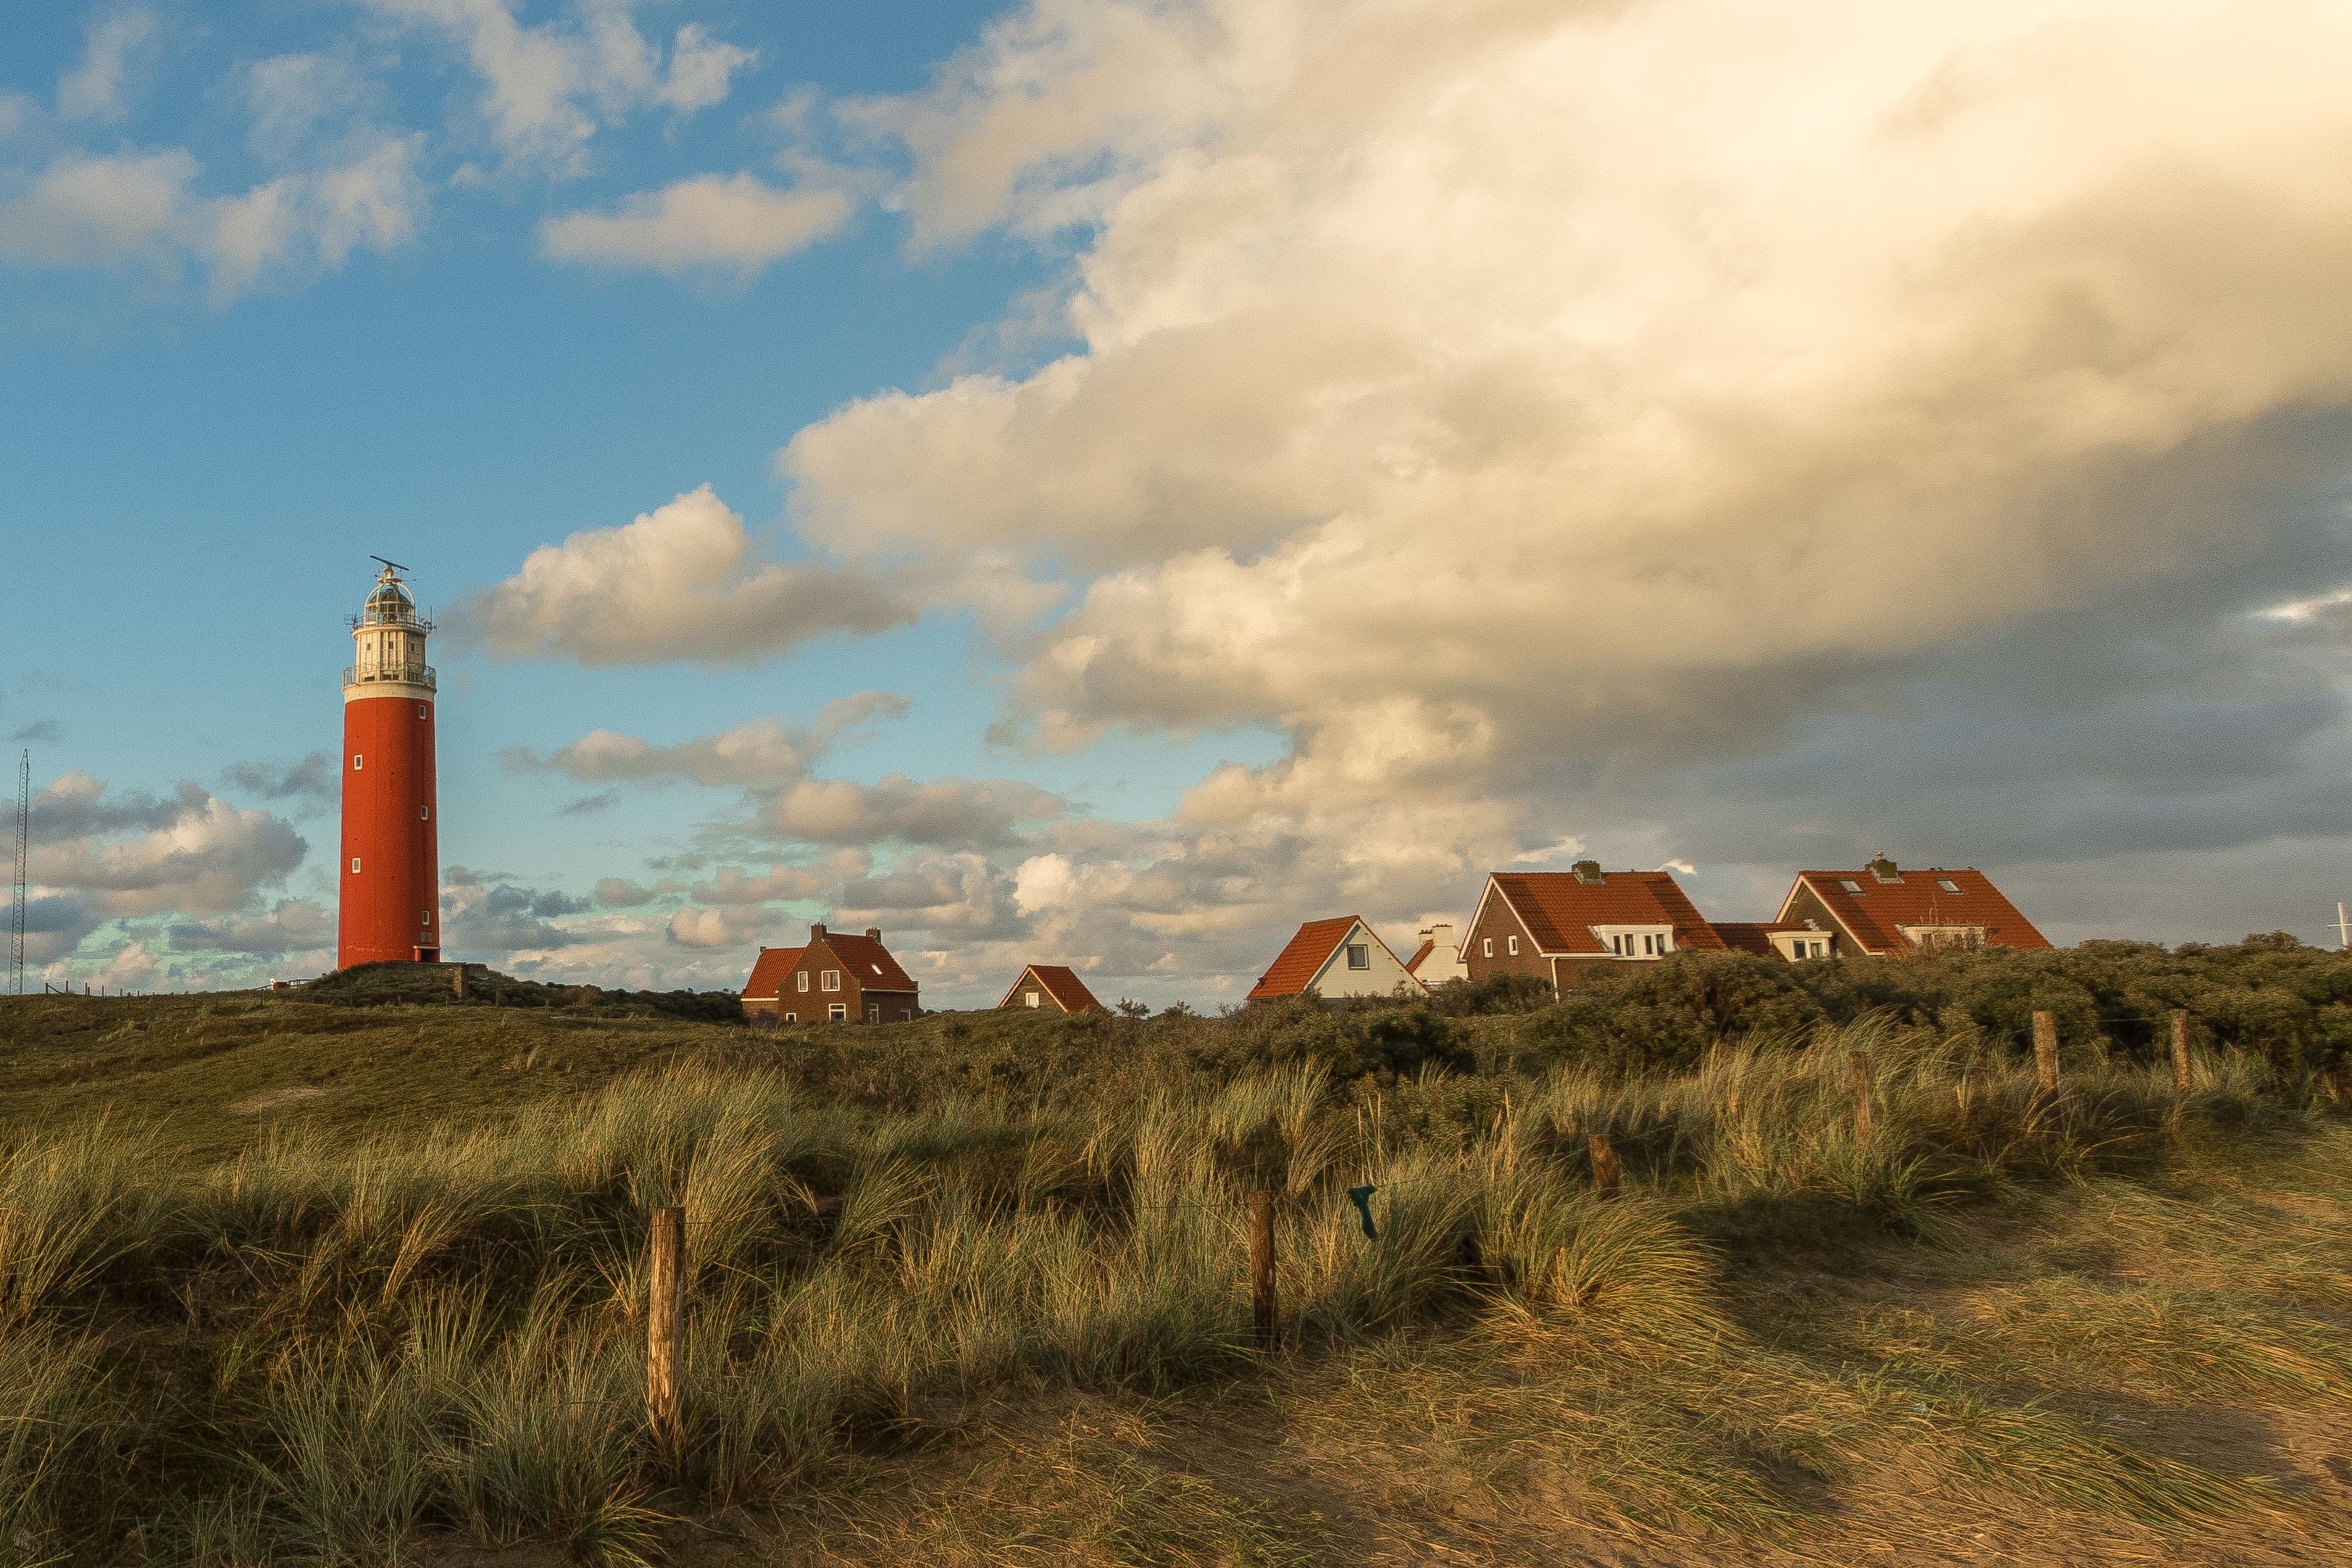 De vuurtoren met de huizen VVV Texel fotograaf Charles van Veen